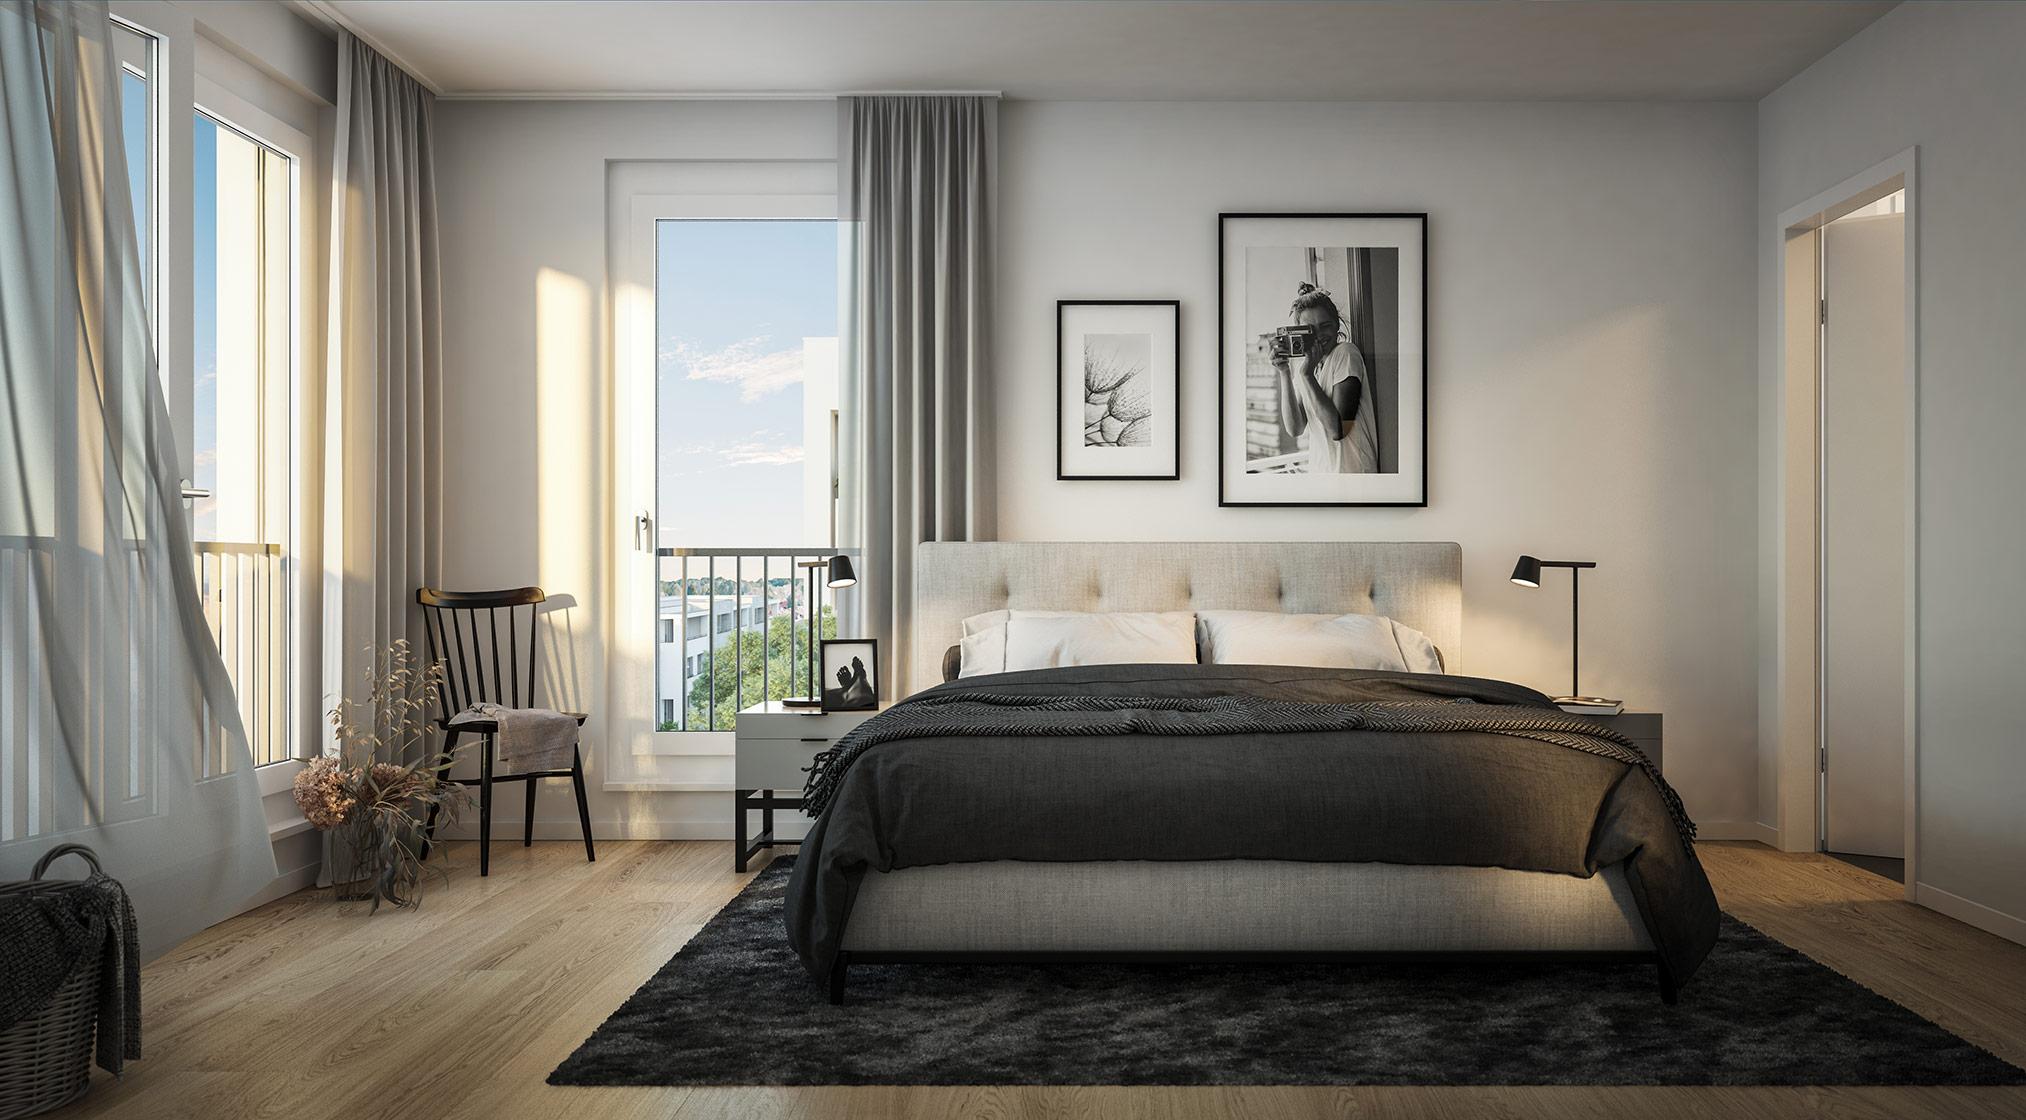 Immobilie Alexisquartier - Wohnen an der Allee - Projektdetails - Illustration 5